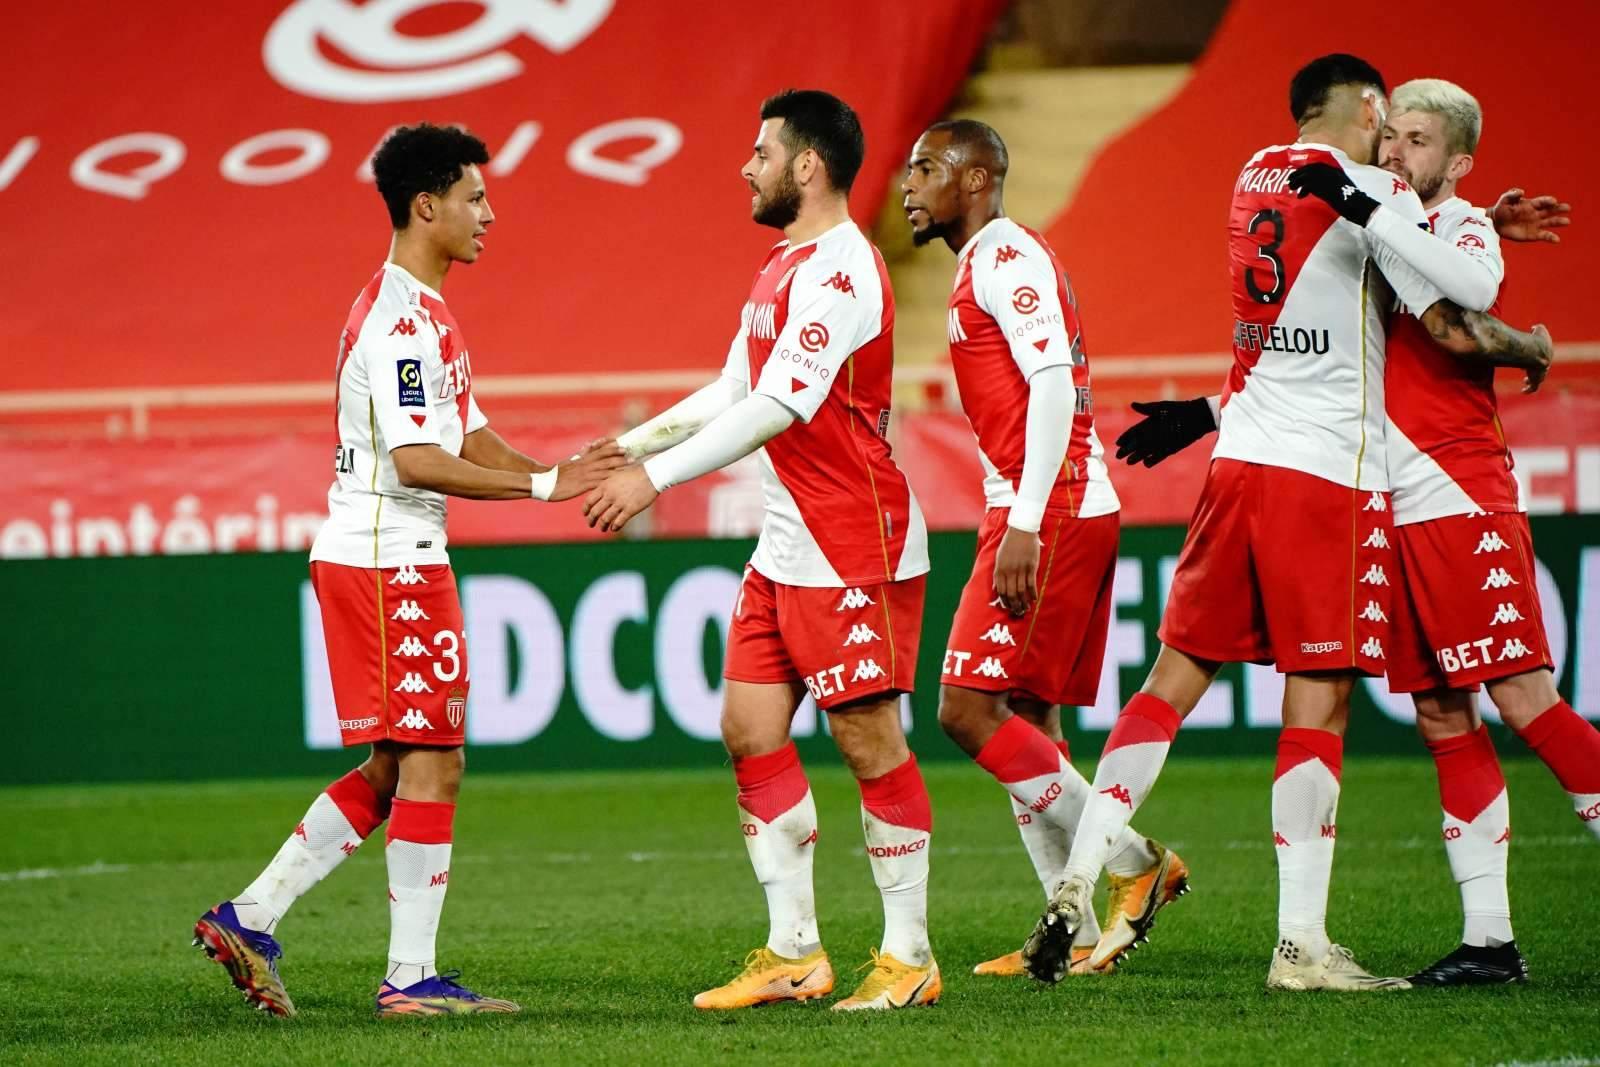 «Монако» - «Марсель»: прогноз на матч чемпионата Франции – 23 января 2021